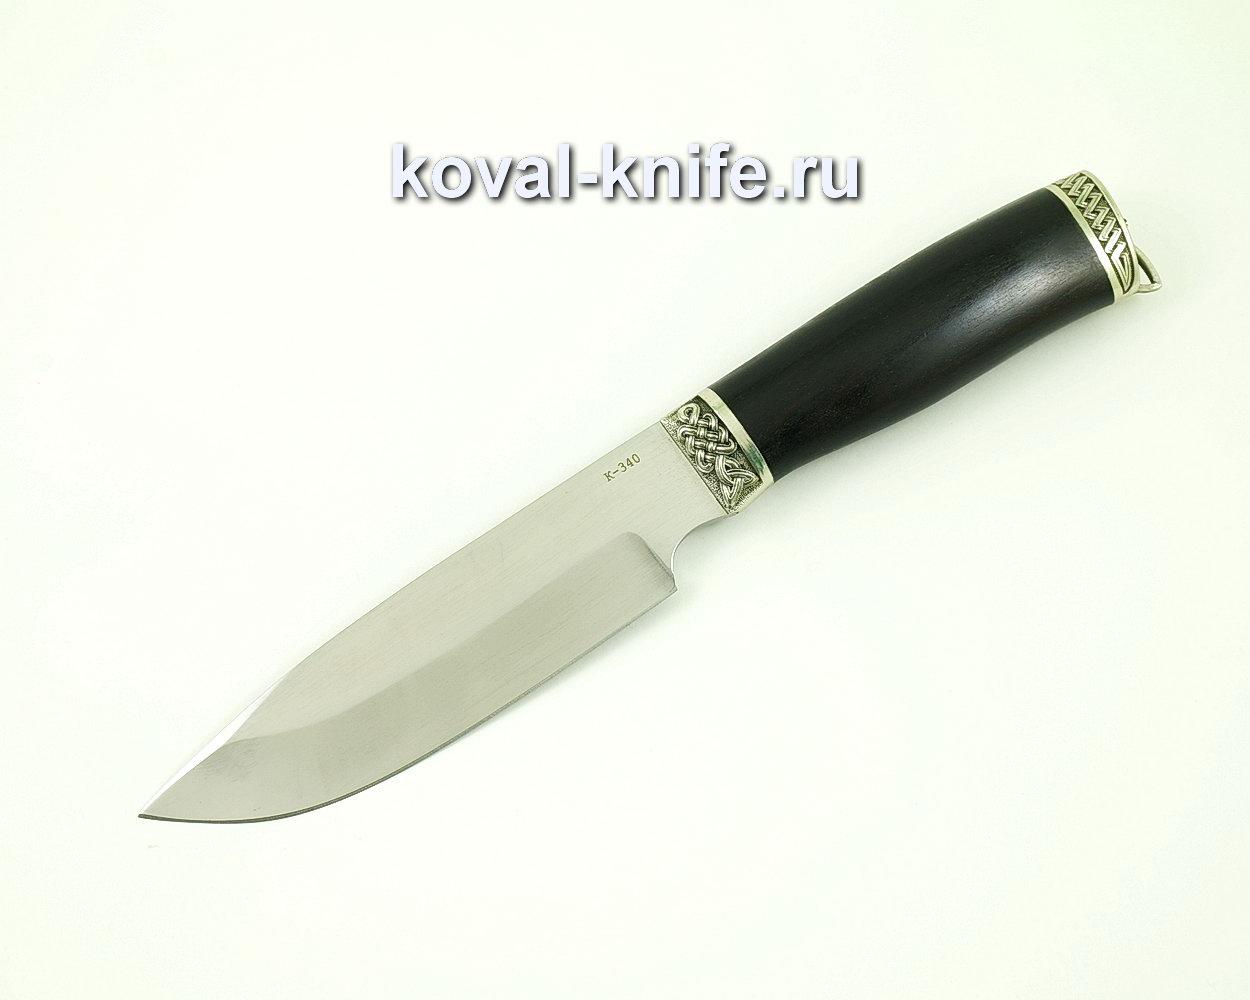 Нож Бигзод из стали K340 (Bohler K340, Рукоять граб) A417